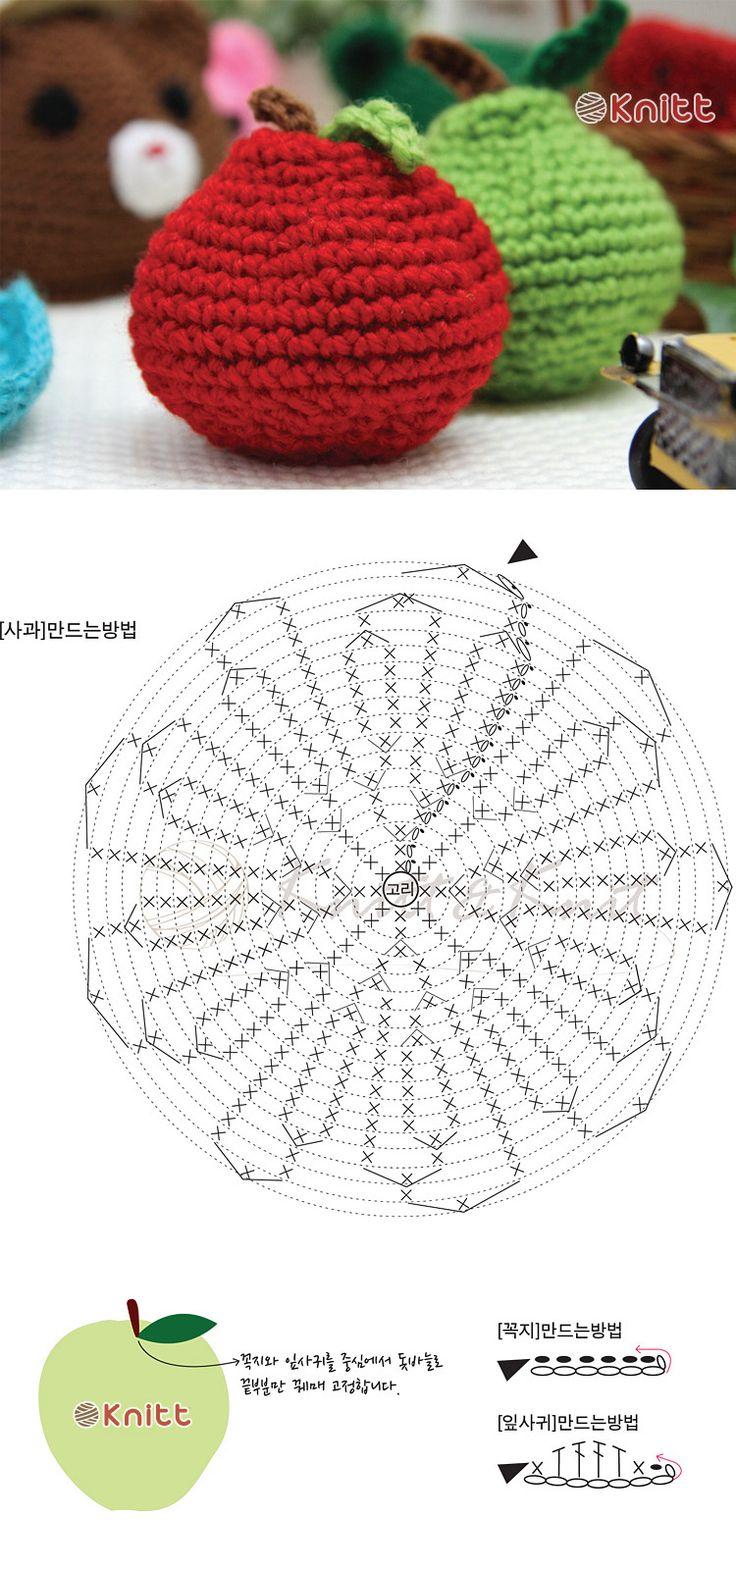 니뜨(knitt) [(무료도안) 사과 수세미]